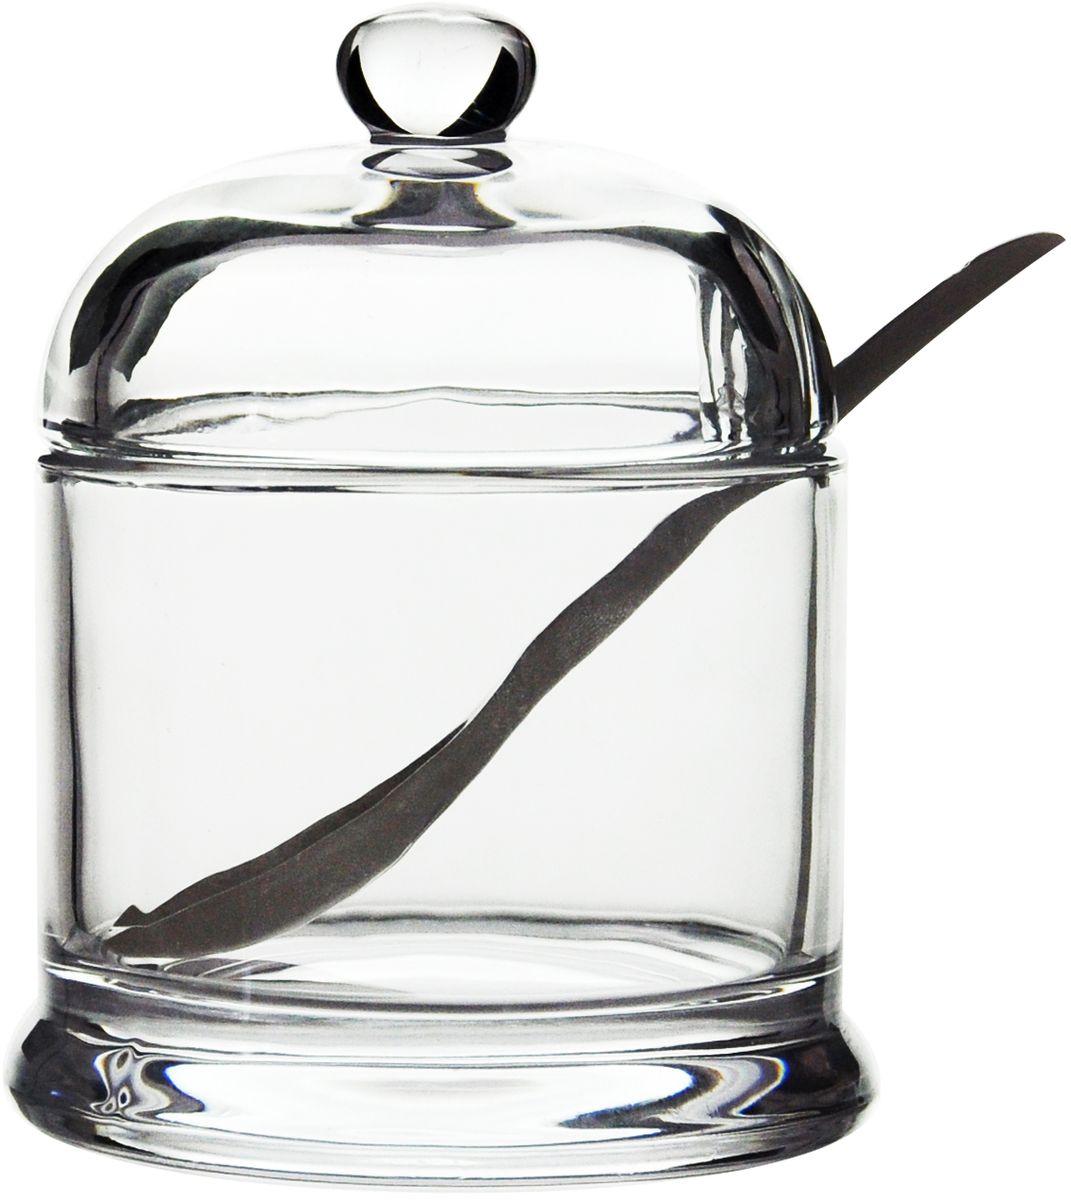 Сахарница GiftnHome, с ложкой, 260 мл. SUG-260glSUG-260glСахарница с крышкой и ложкой изготовлена из высококачественных материалов. Сахарница универсальна, подойдет как для меда, так и для специй. В крышке предусмотрено отверстие для ложки. Можно мыть в посудомоечной машине.